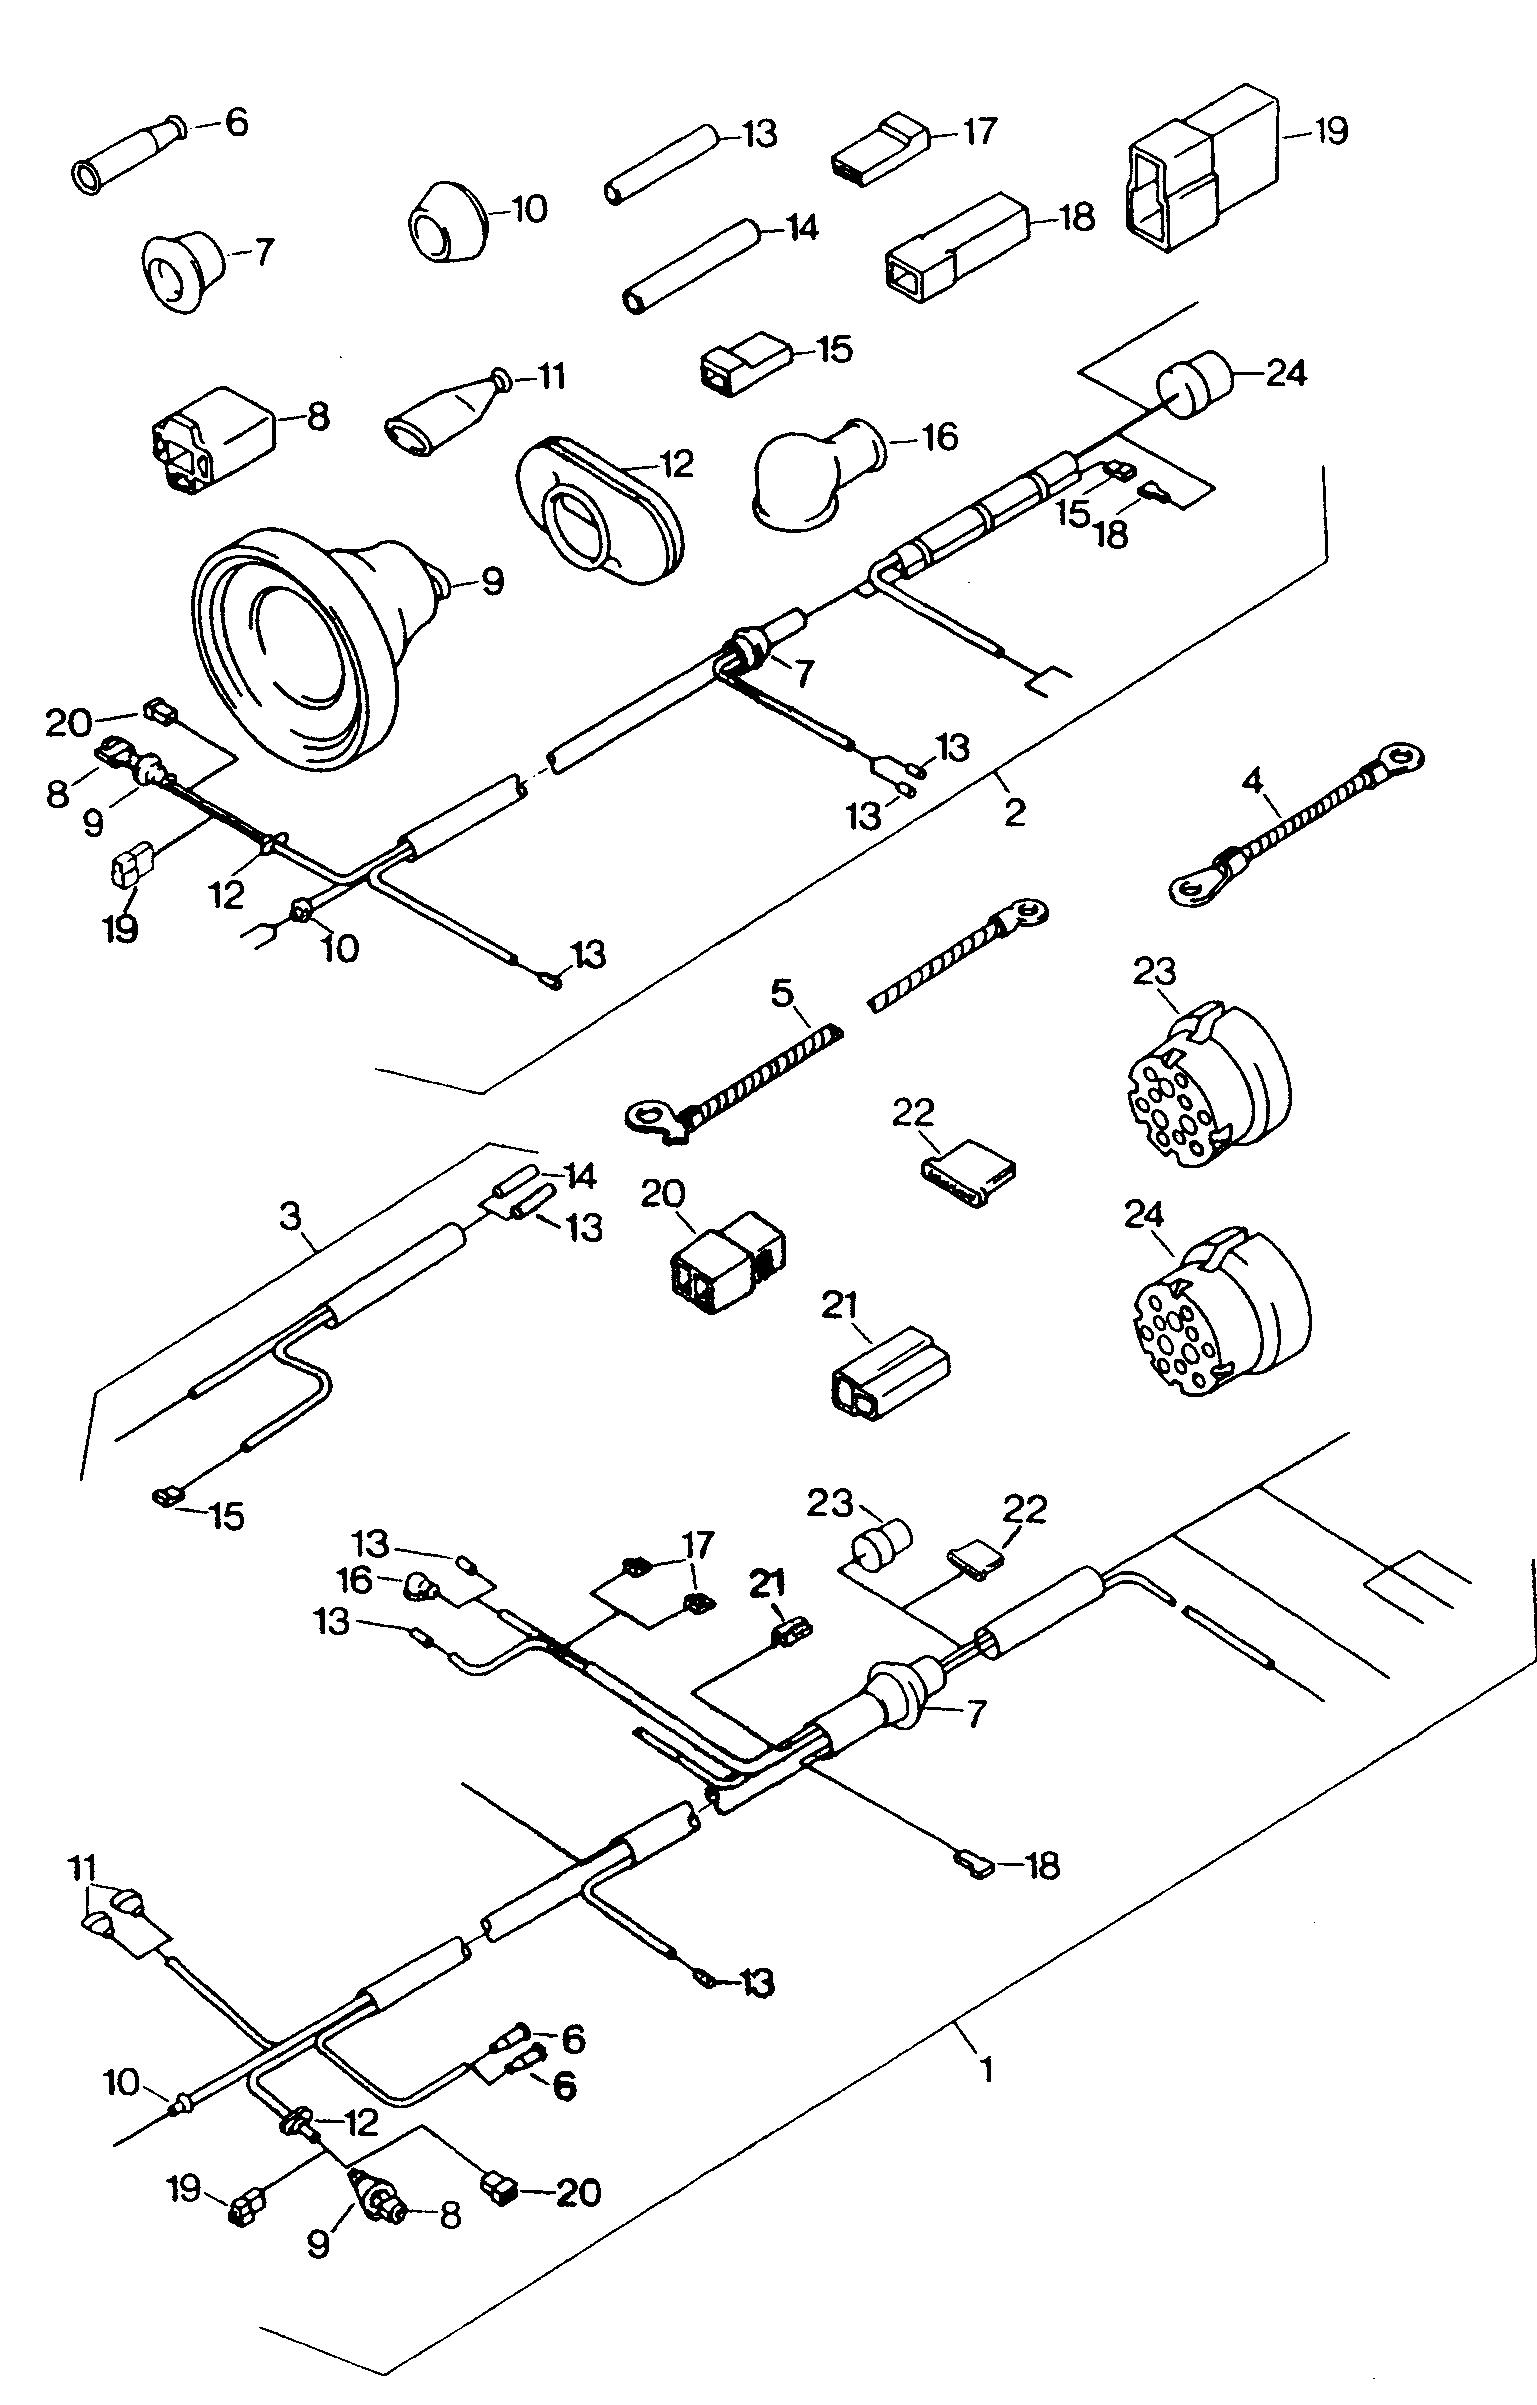 VW, Mod.181 / Iltis Europe, 1979 (Iltis), Electrics, 97 - Catcar.infoCATCAR.INFO